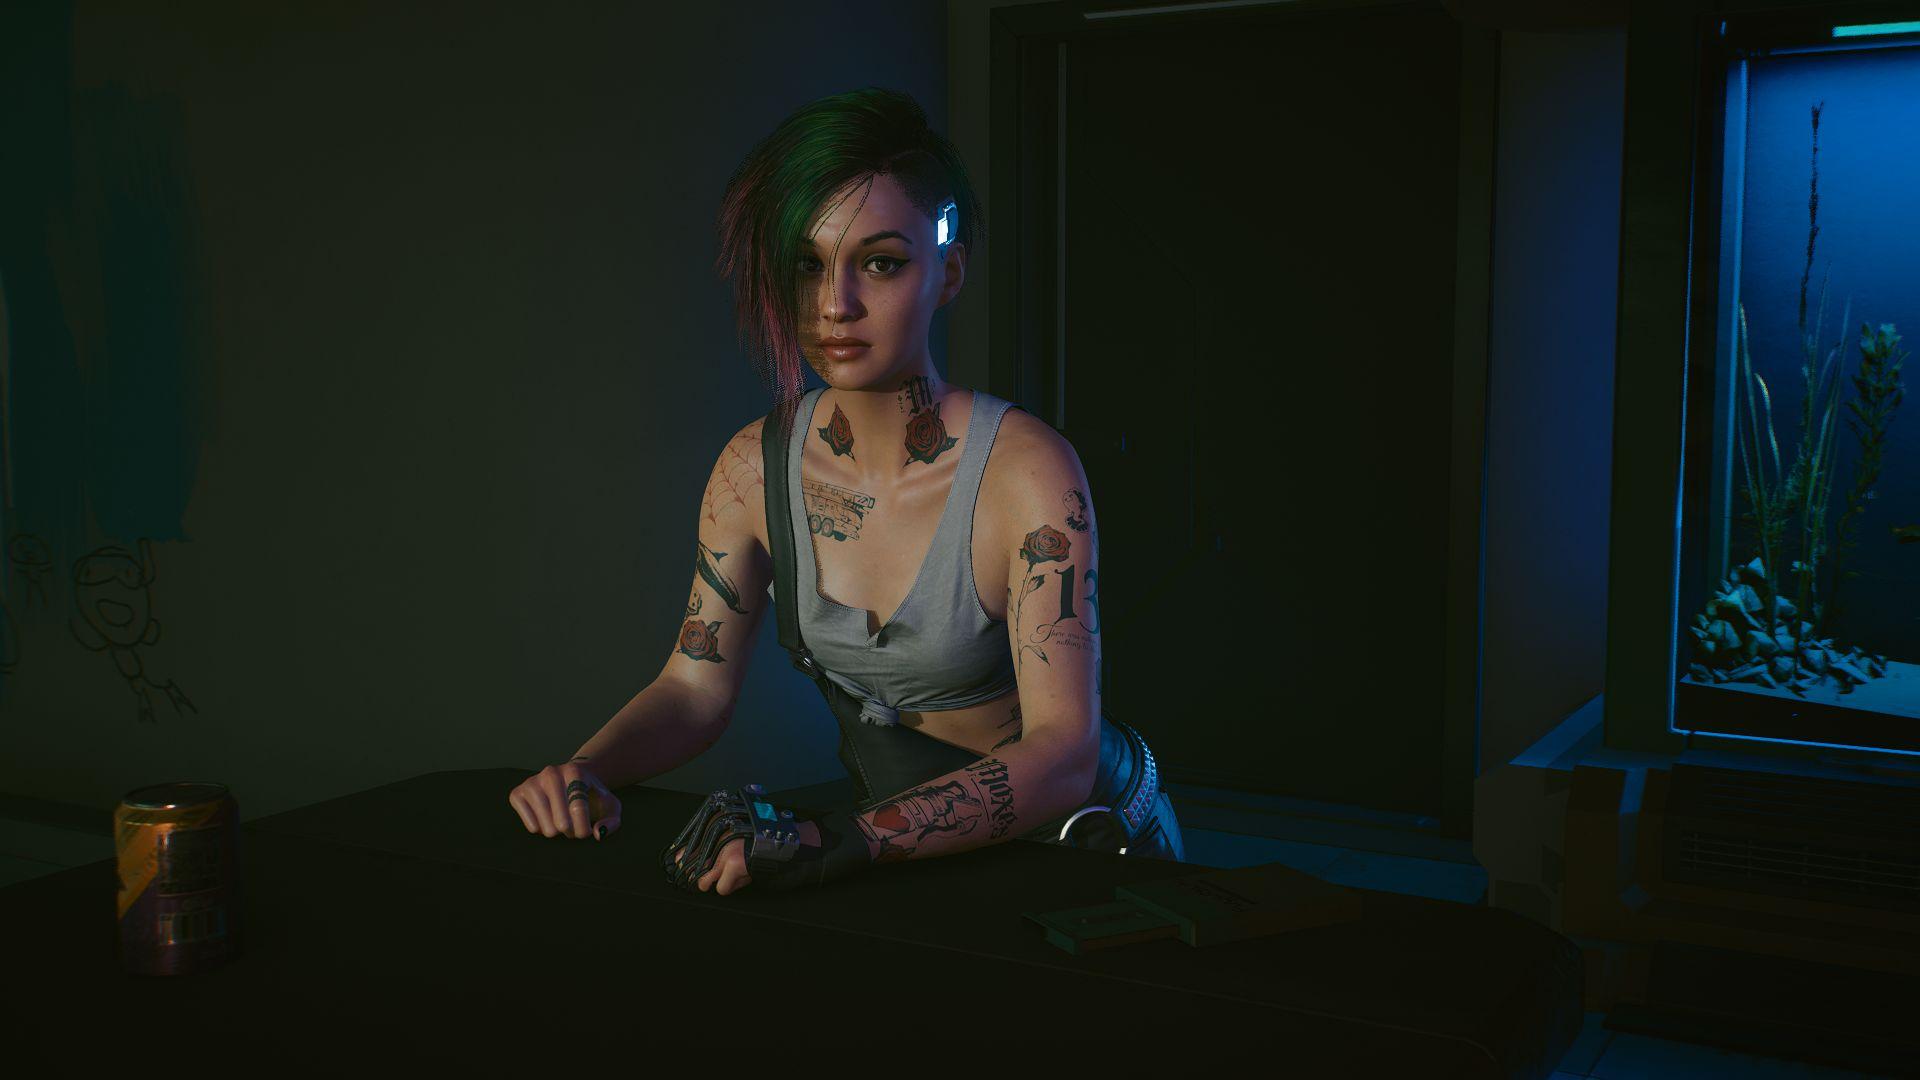 000243.Jpg - Cyberpunk 2077